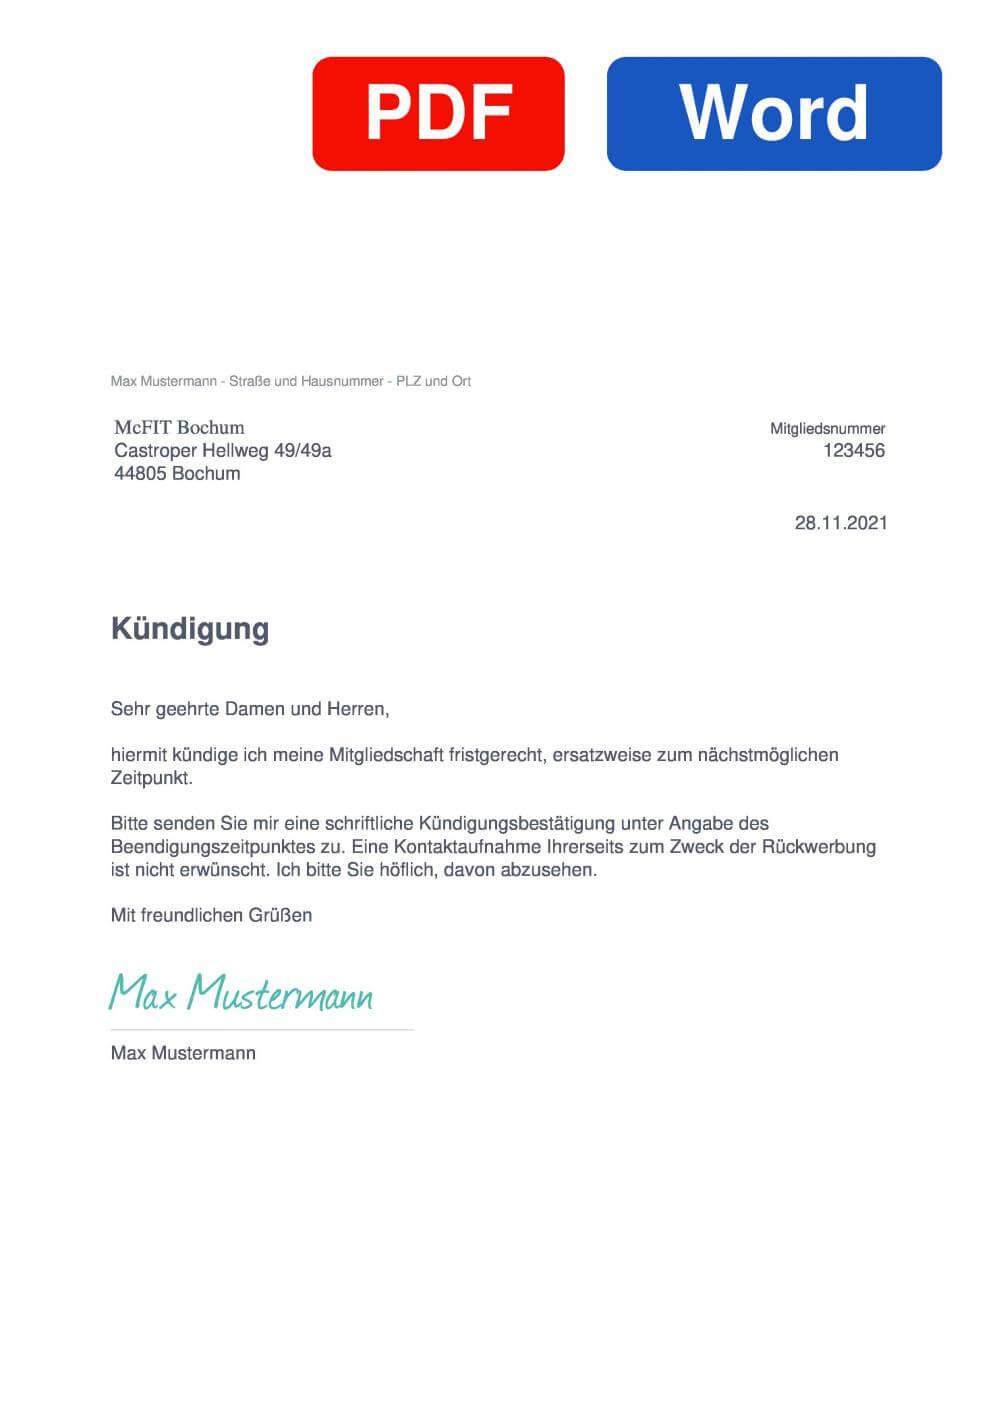 McFIT Bochum Muster Vorlage für Kündigungsschreiben